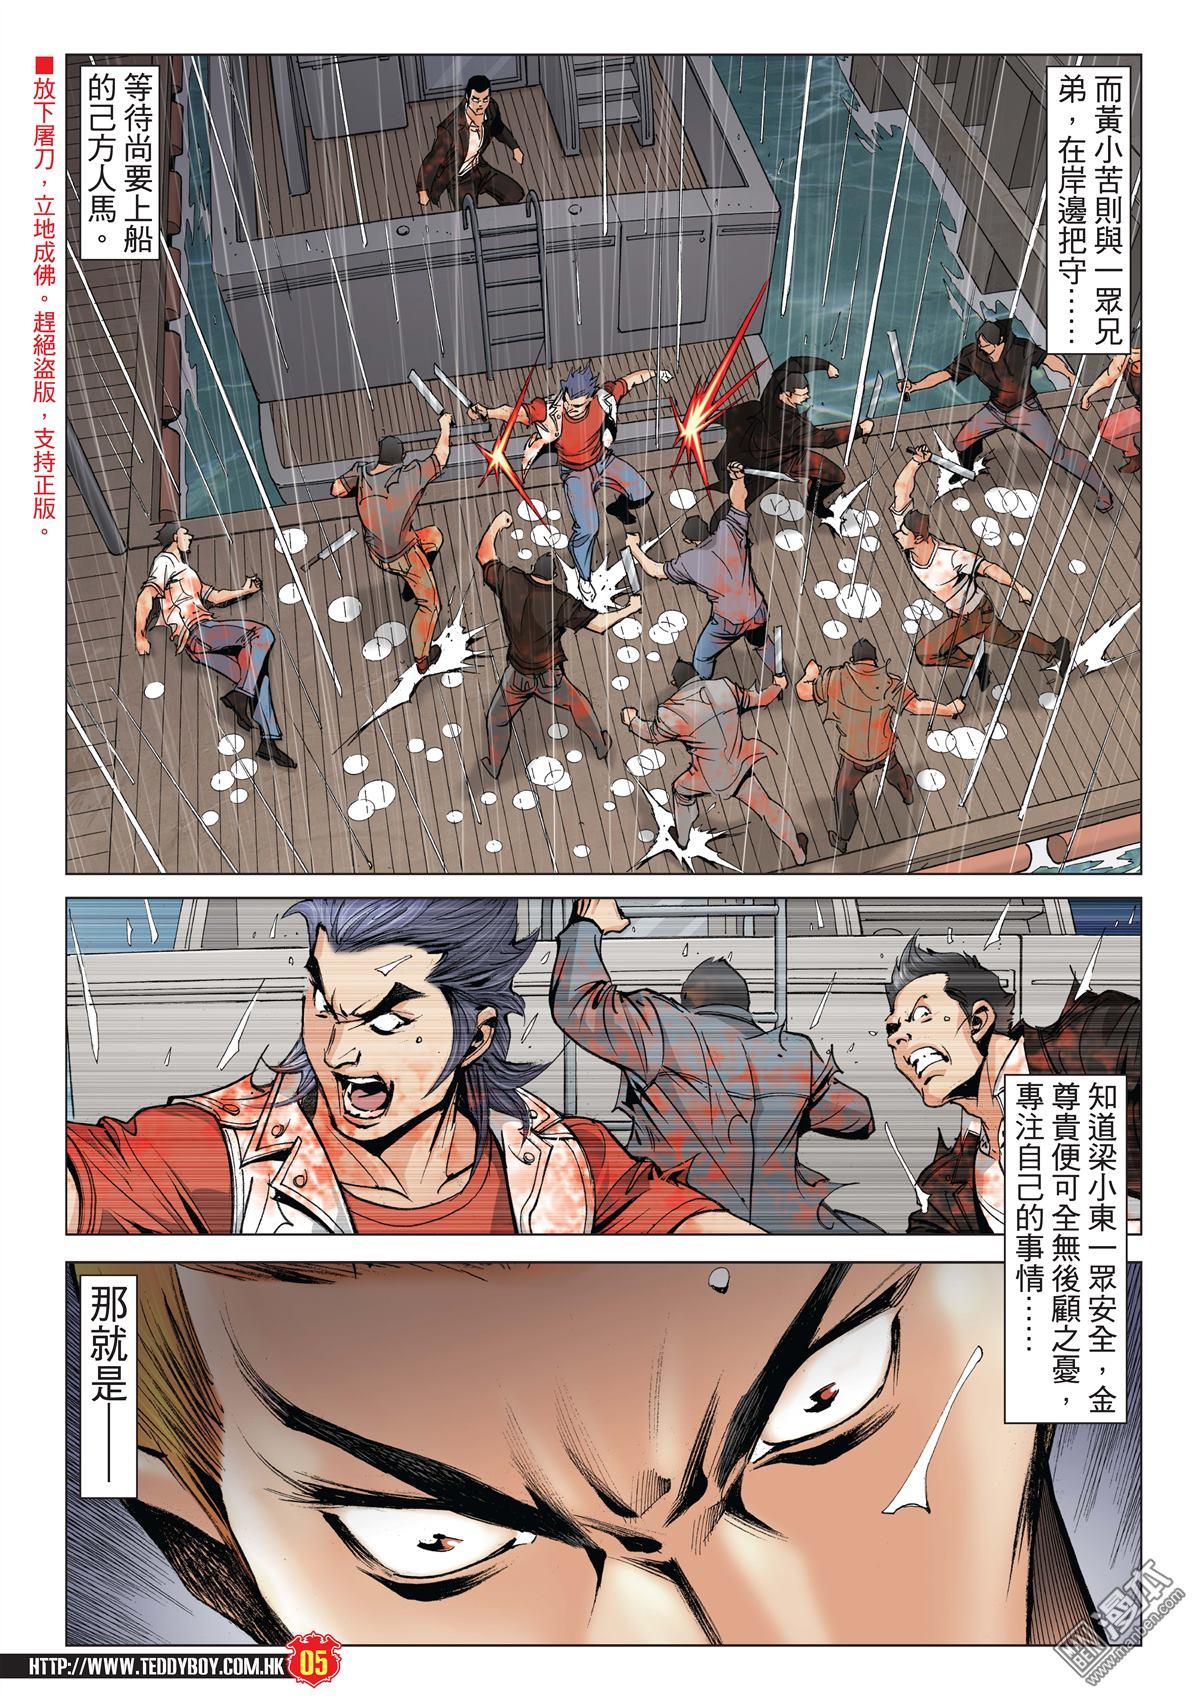 古惑仔漫畫古惑仔第2035回:大飛!你死定了(第4頁)劇情-二次元動漫